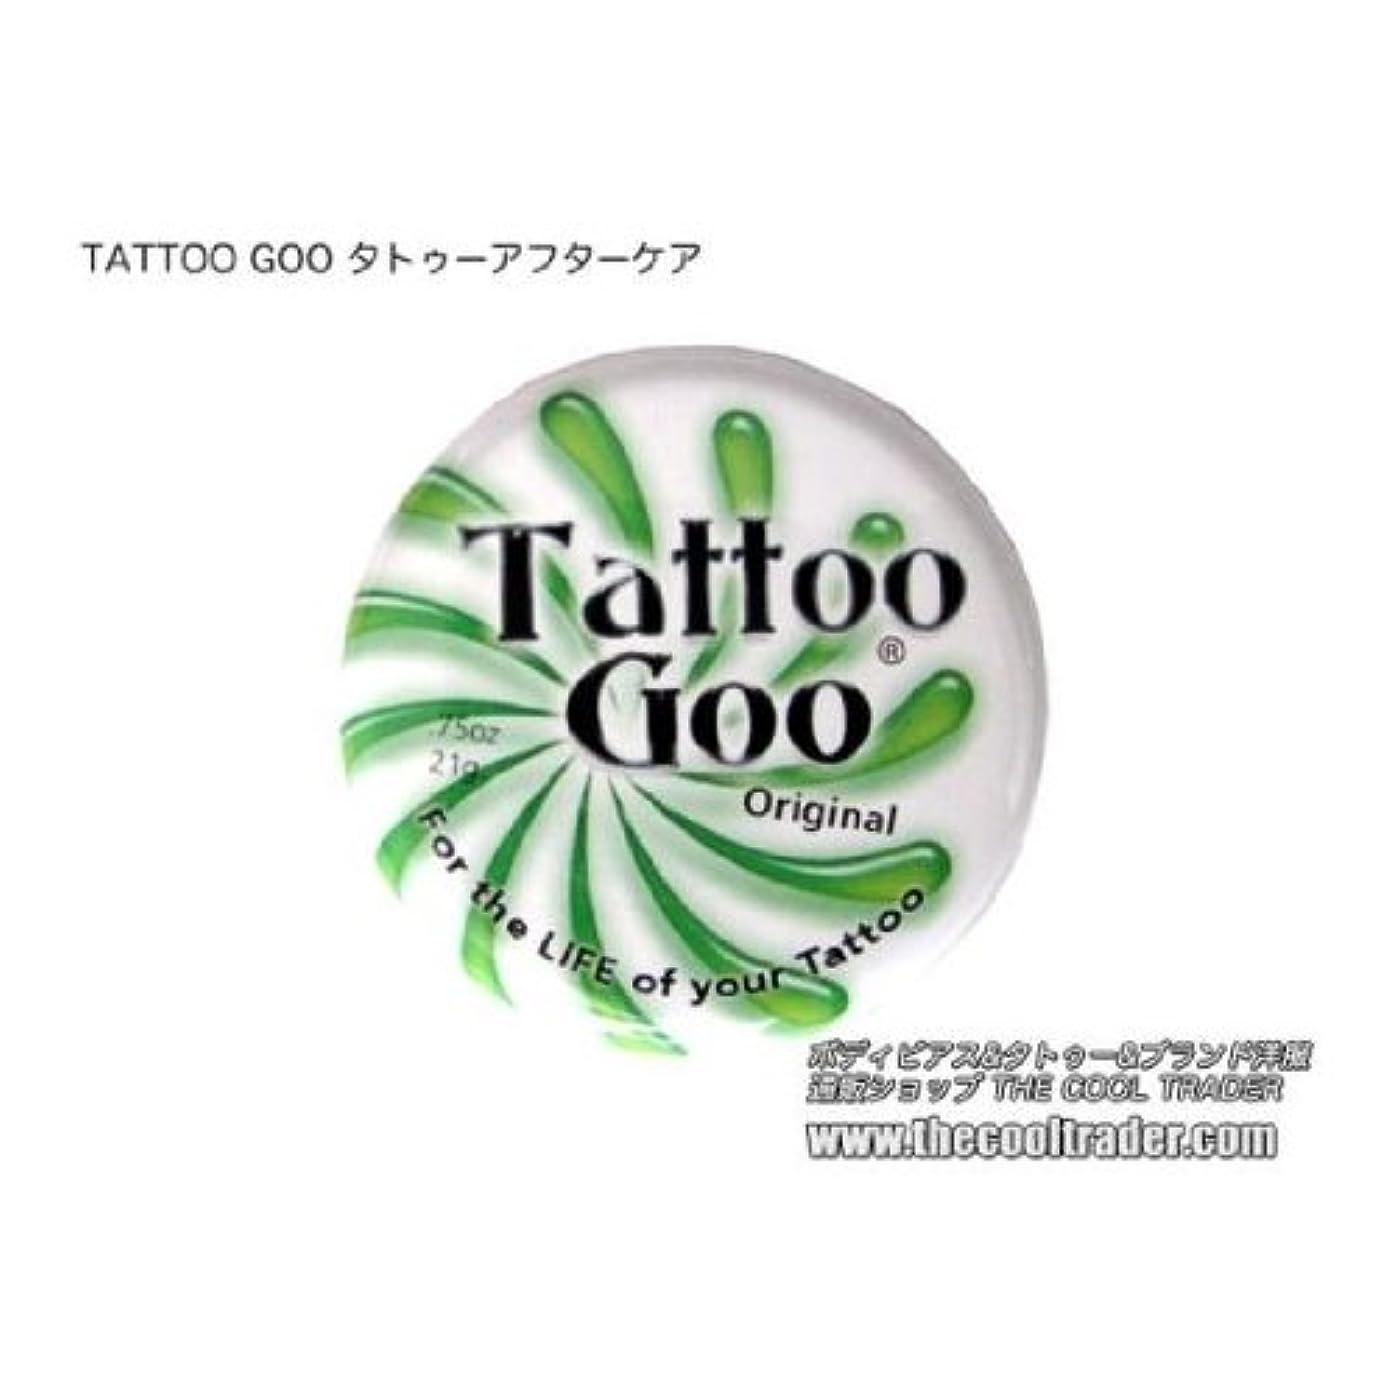 ゾーンぜいたく申請者TATTOO GOO タトゥー&ボディピアス専用アフターケア 軟膏クリーム オリジナル